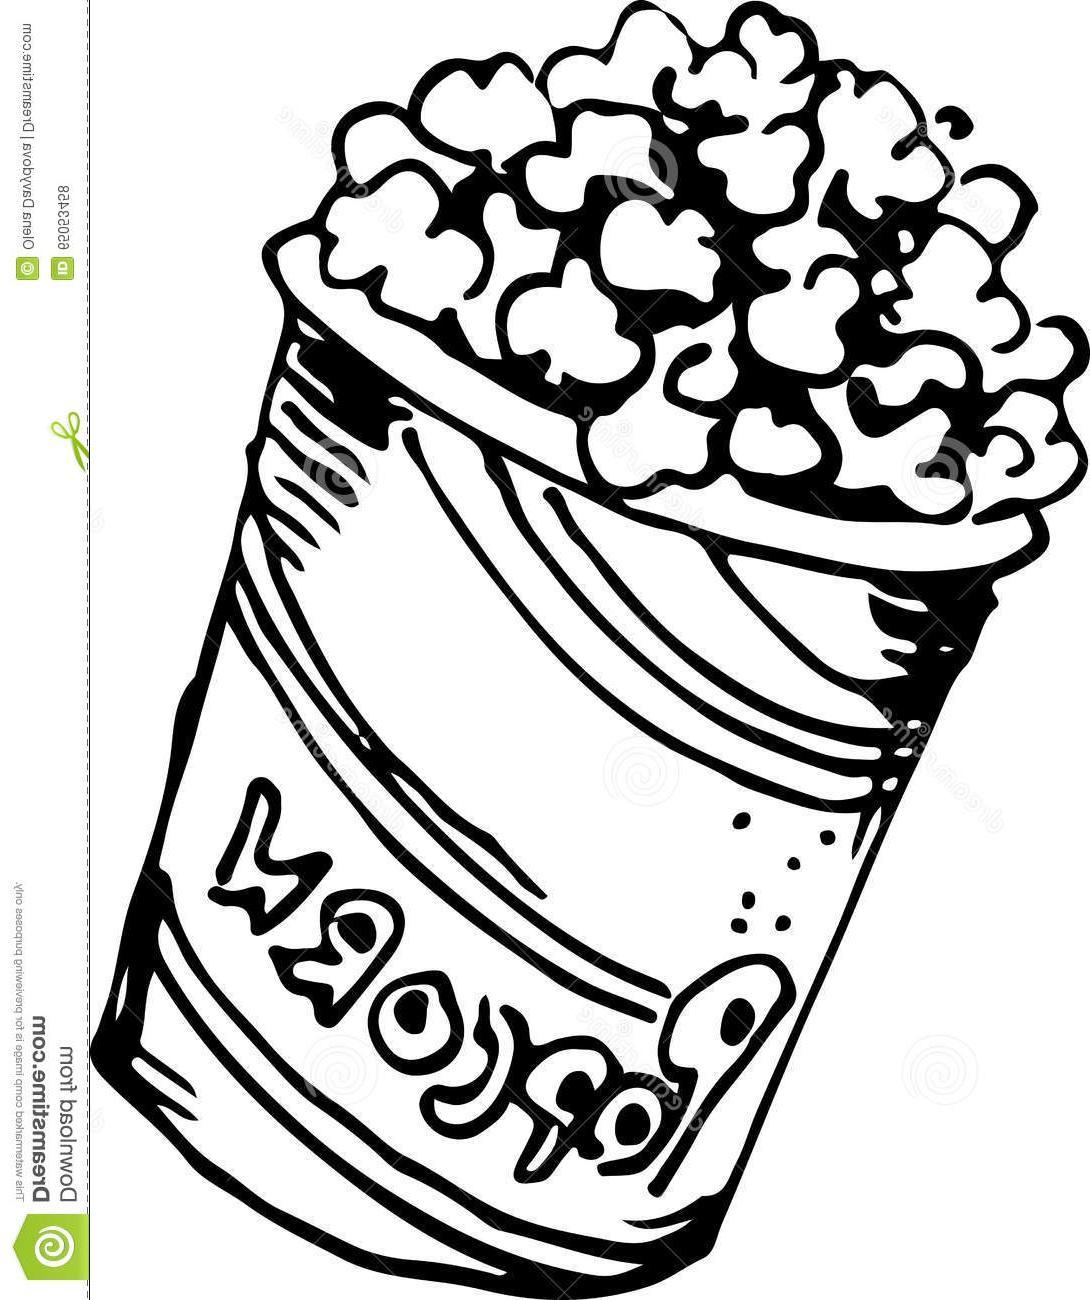 1090x1300 Unique Popcorn Drawing Vector Photos